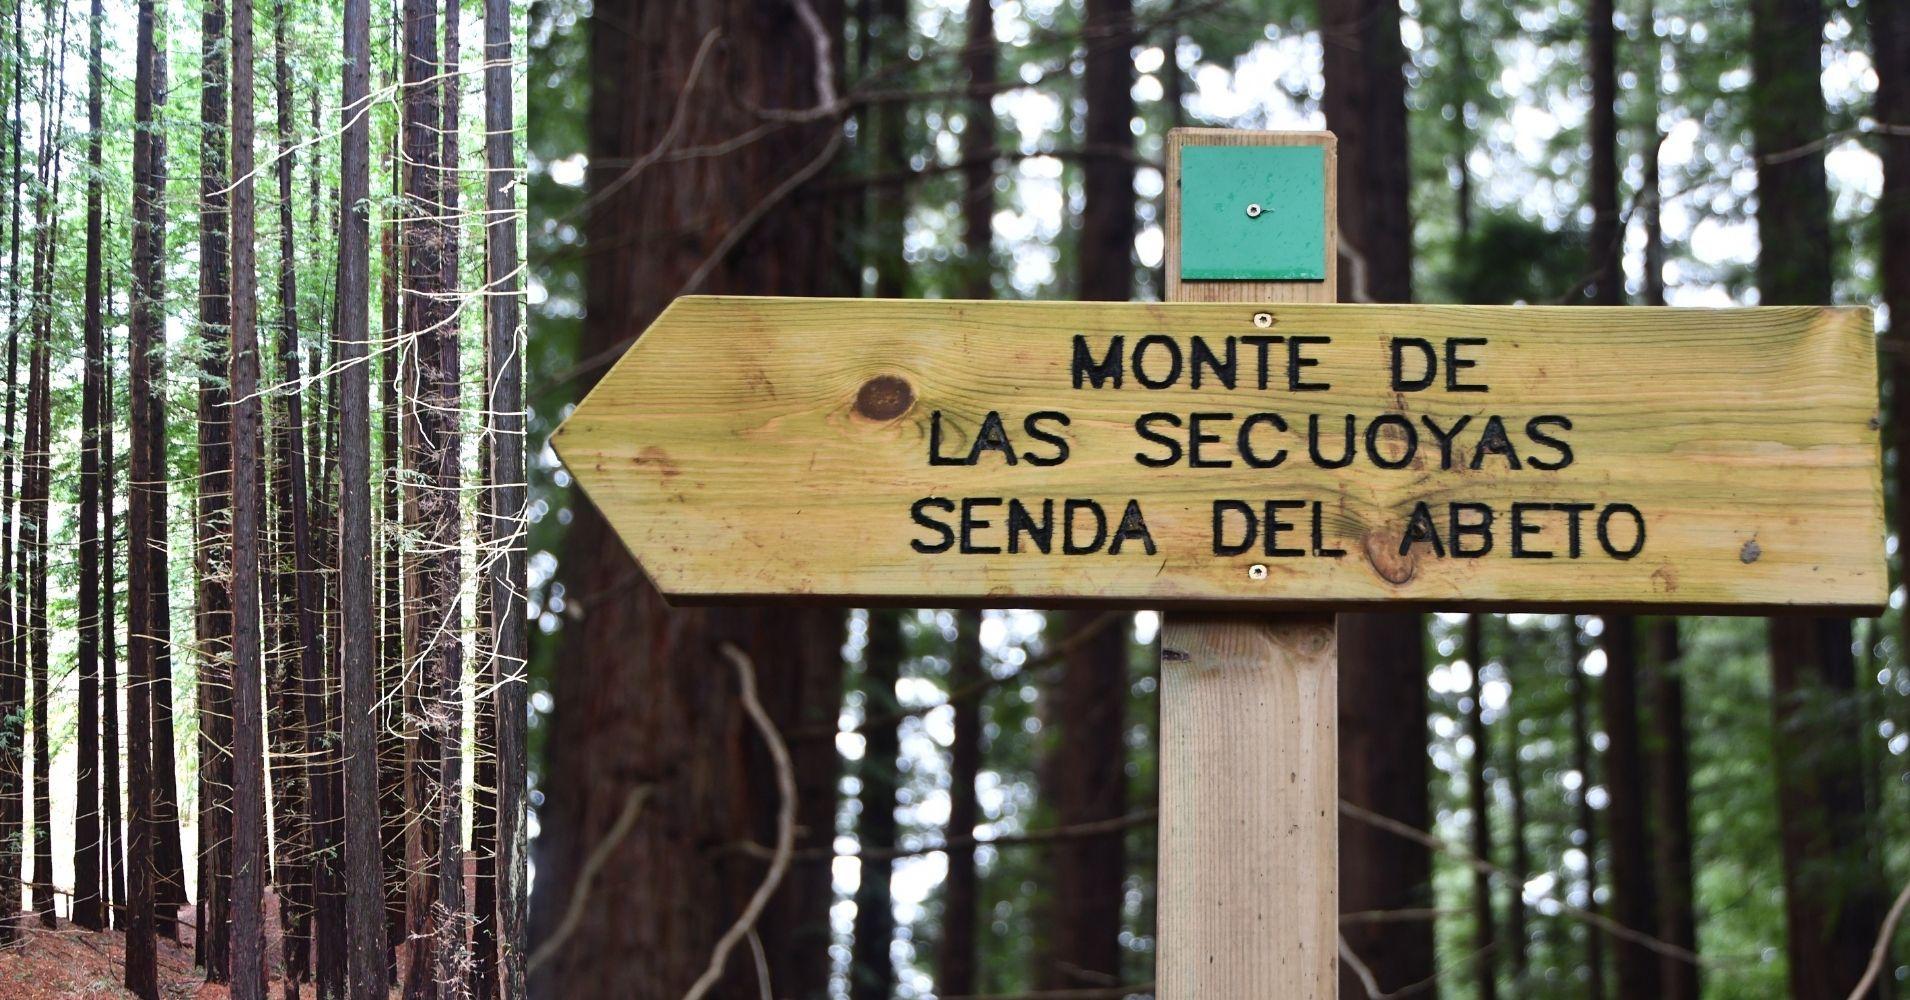 Senda del Abeto del Monte de las Secuoyas. Cabezón de la Sal, Cantabria.